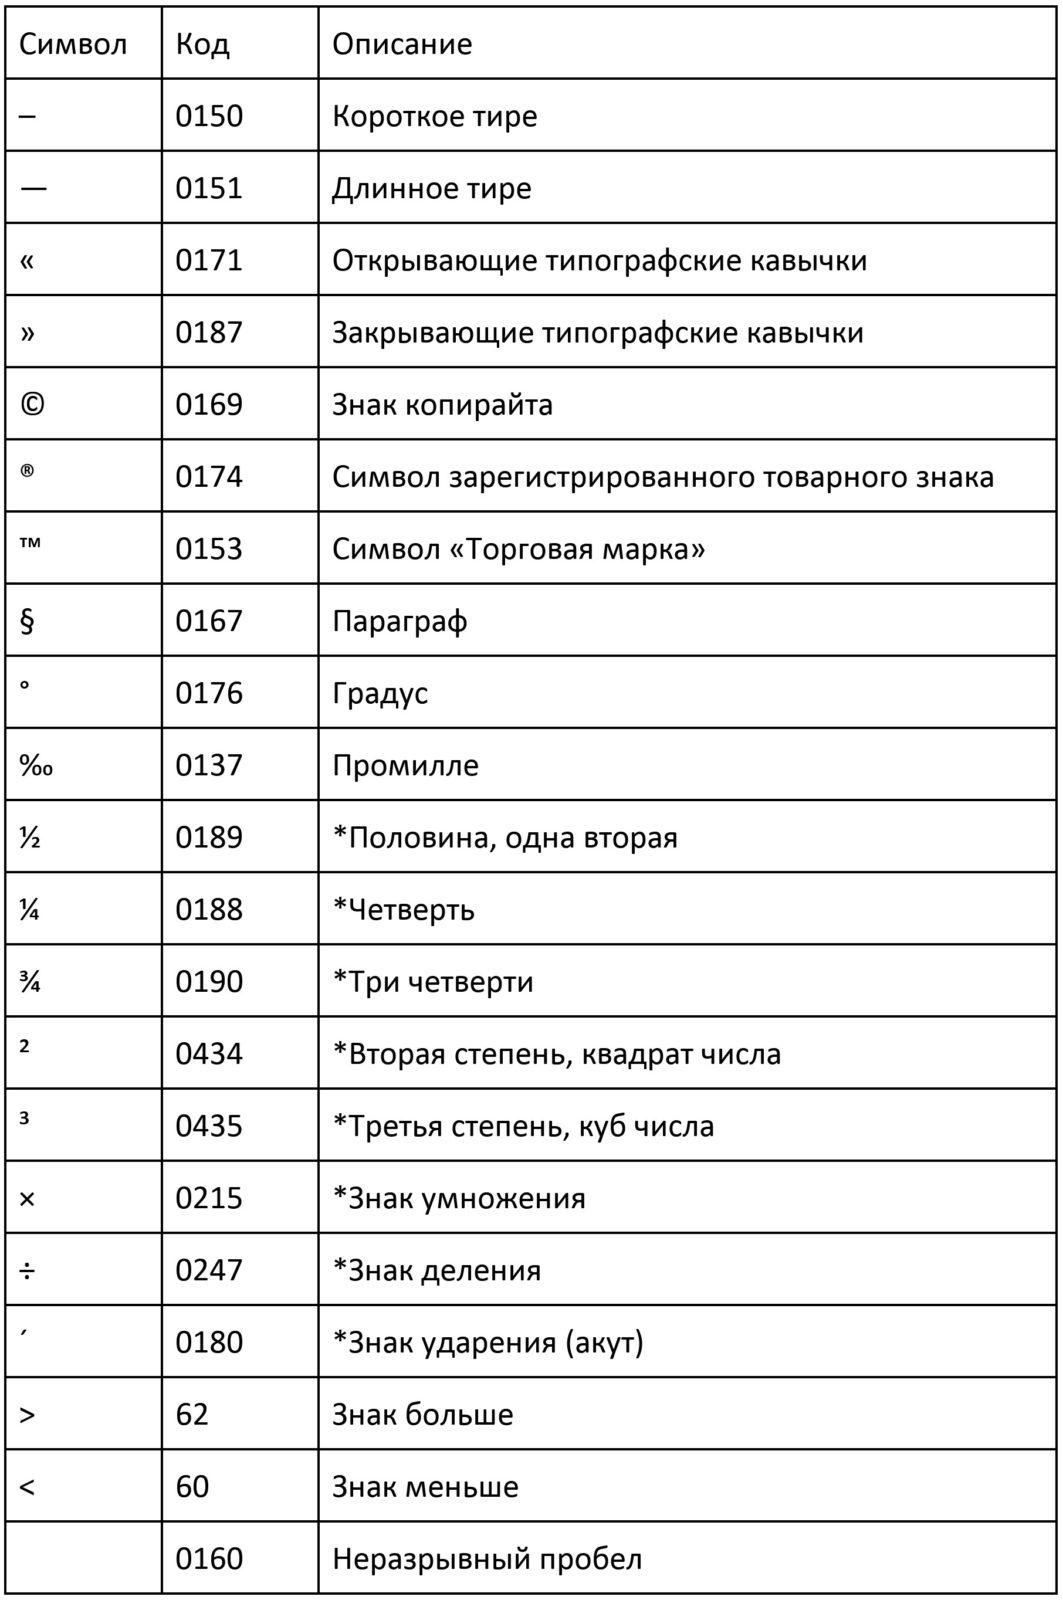 таблица символов и их коды